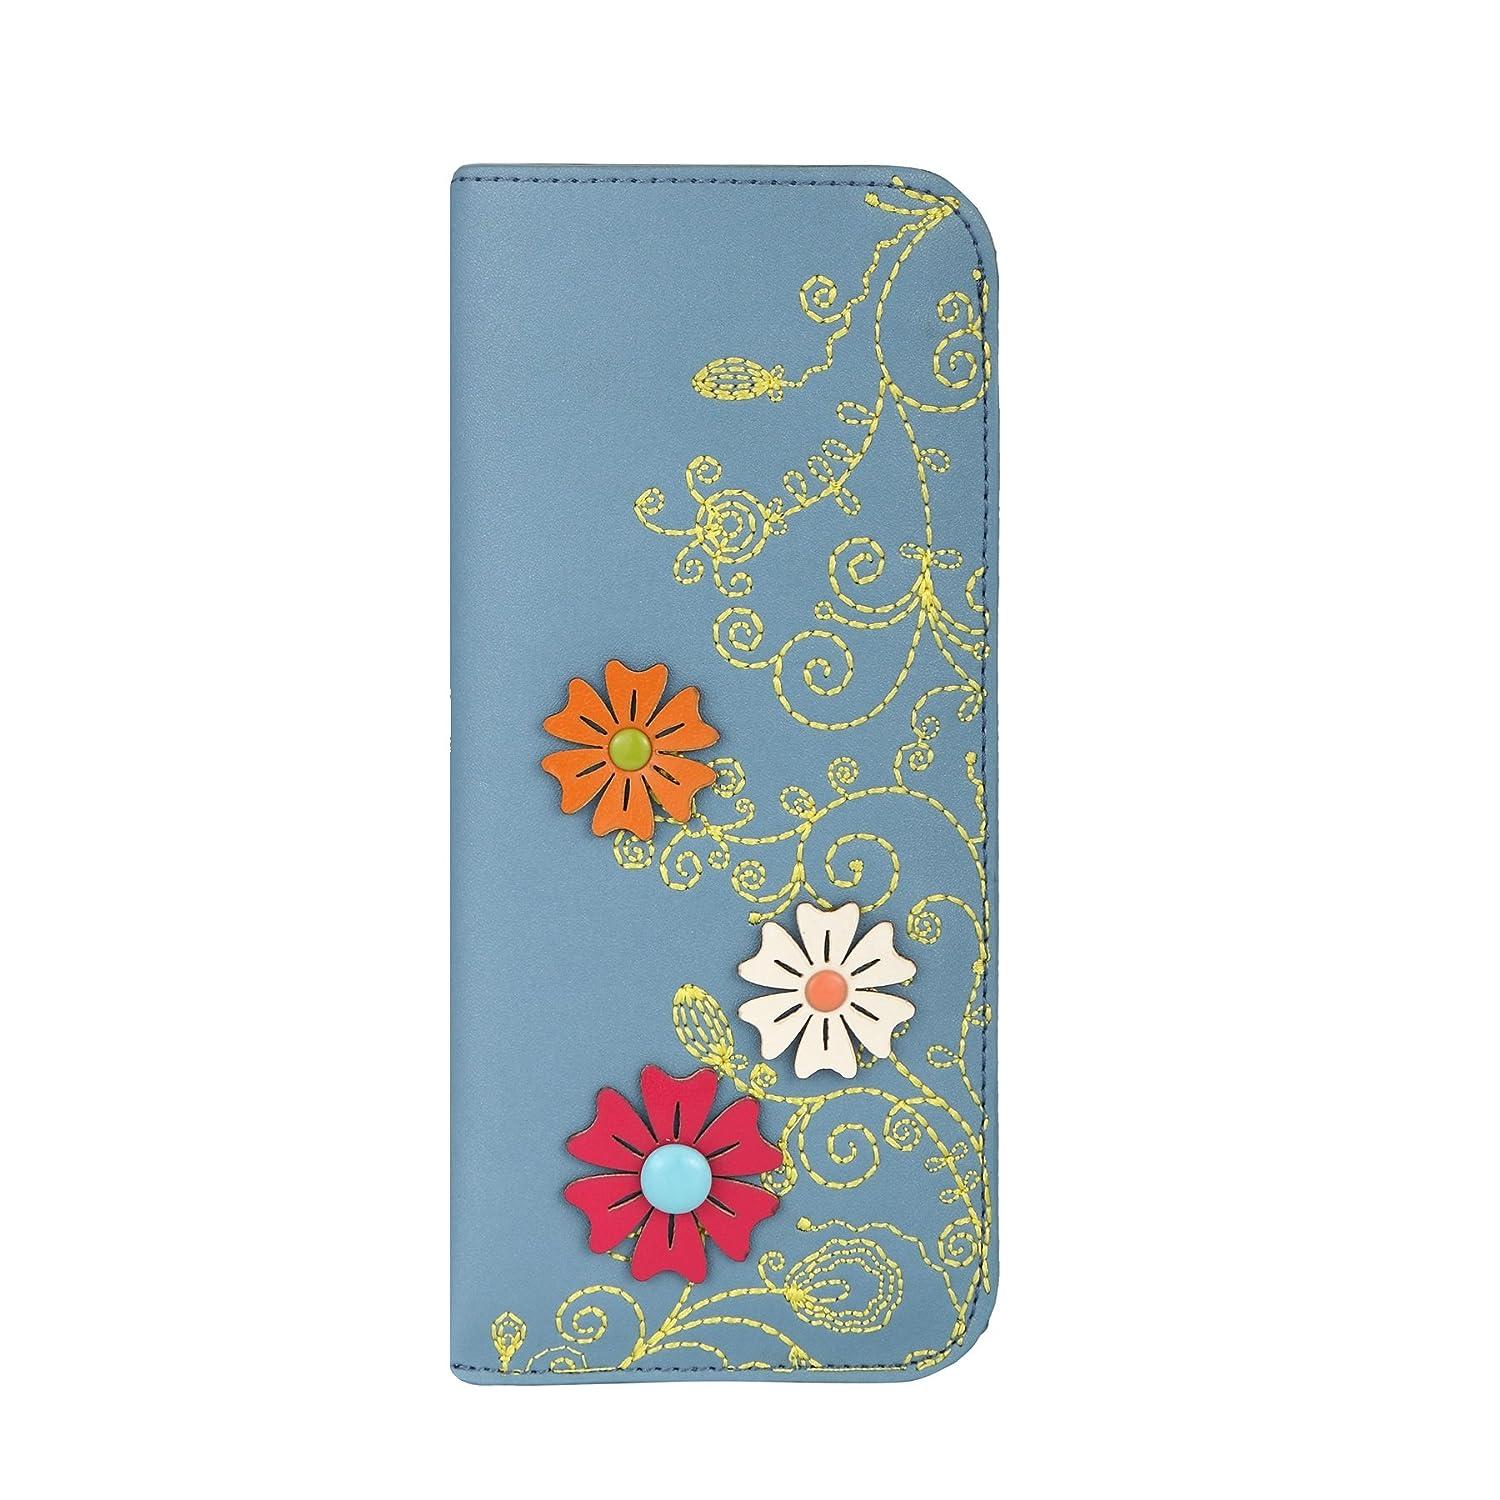 MENKAI Funda para gafas de sol y lectura dibujo flores 774G Grey Blue